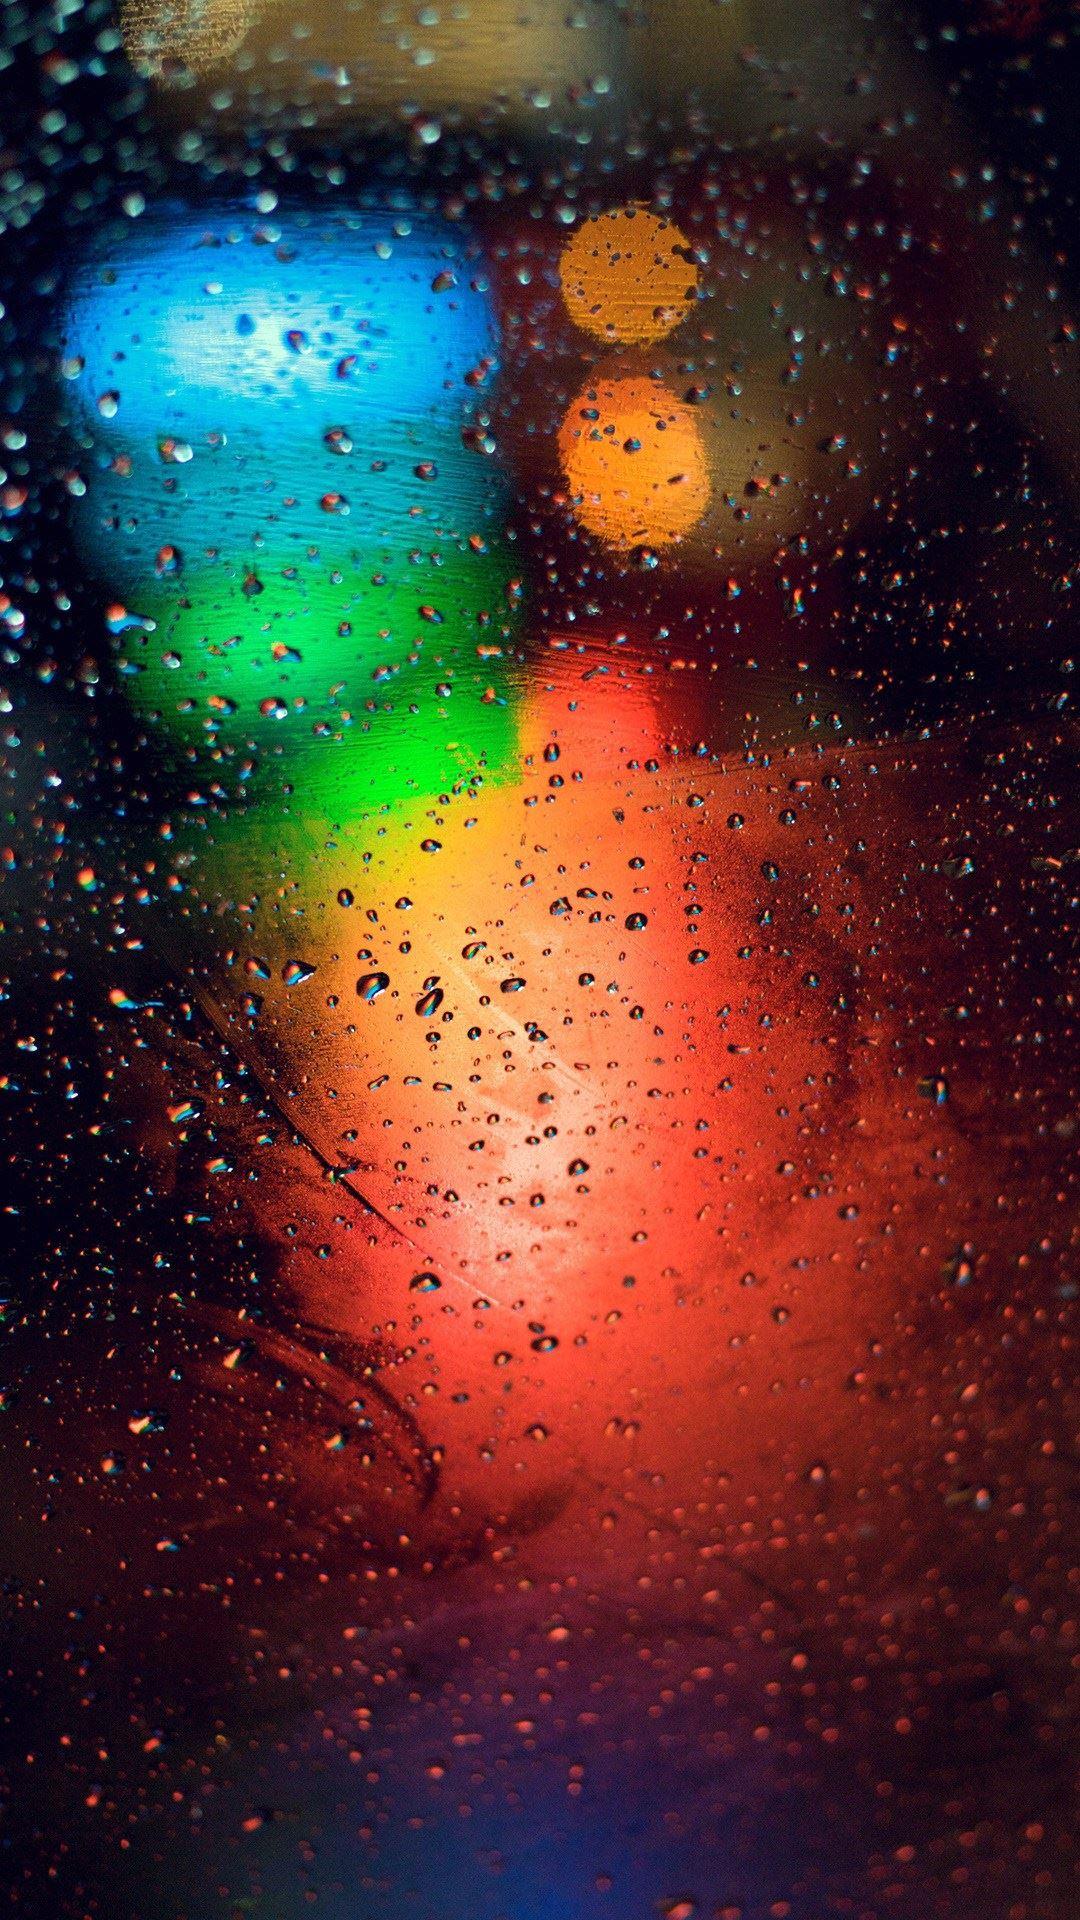 iPhone wallpaper rain glass 3Wallpapers : notre sélection de fonds d'écran du 20/02/2018